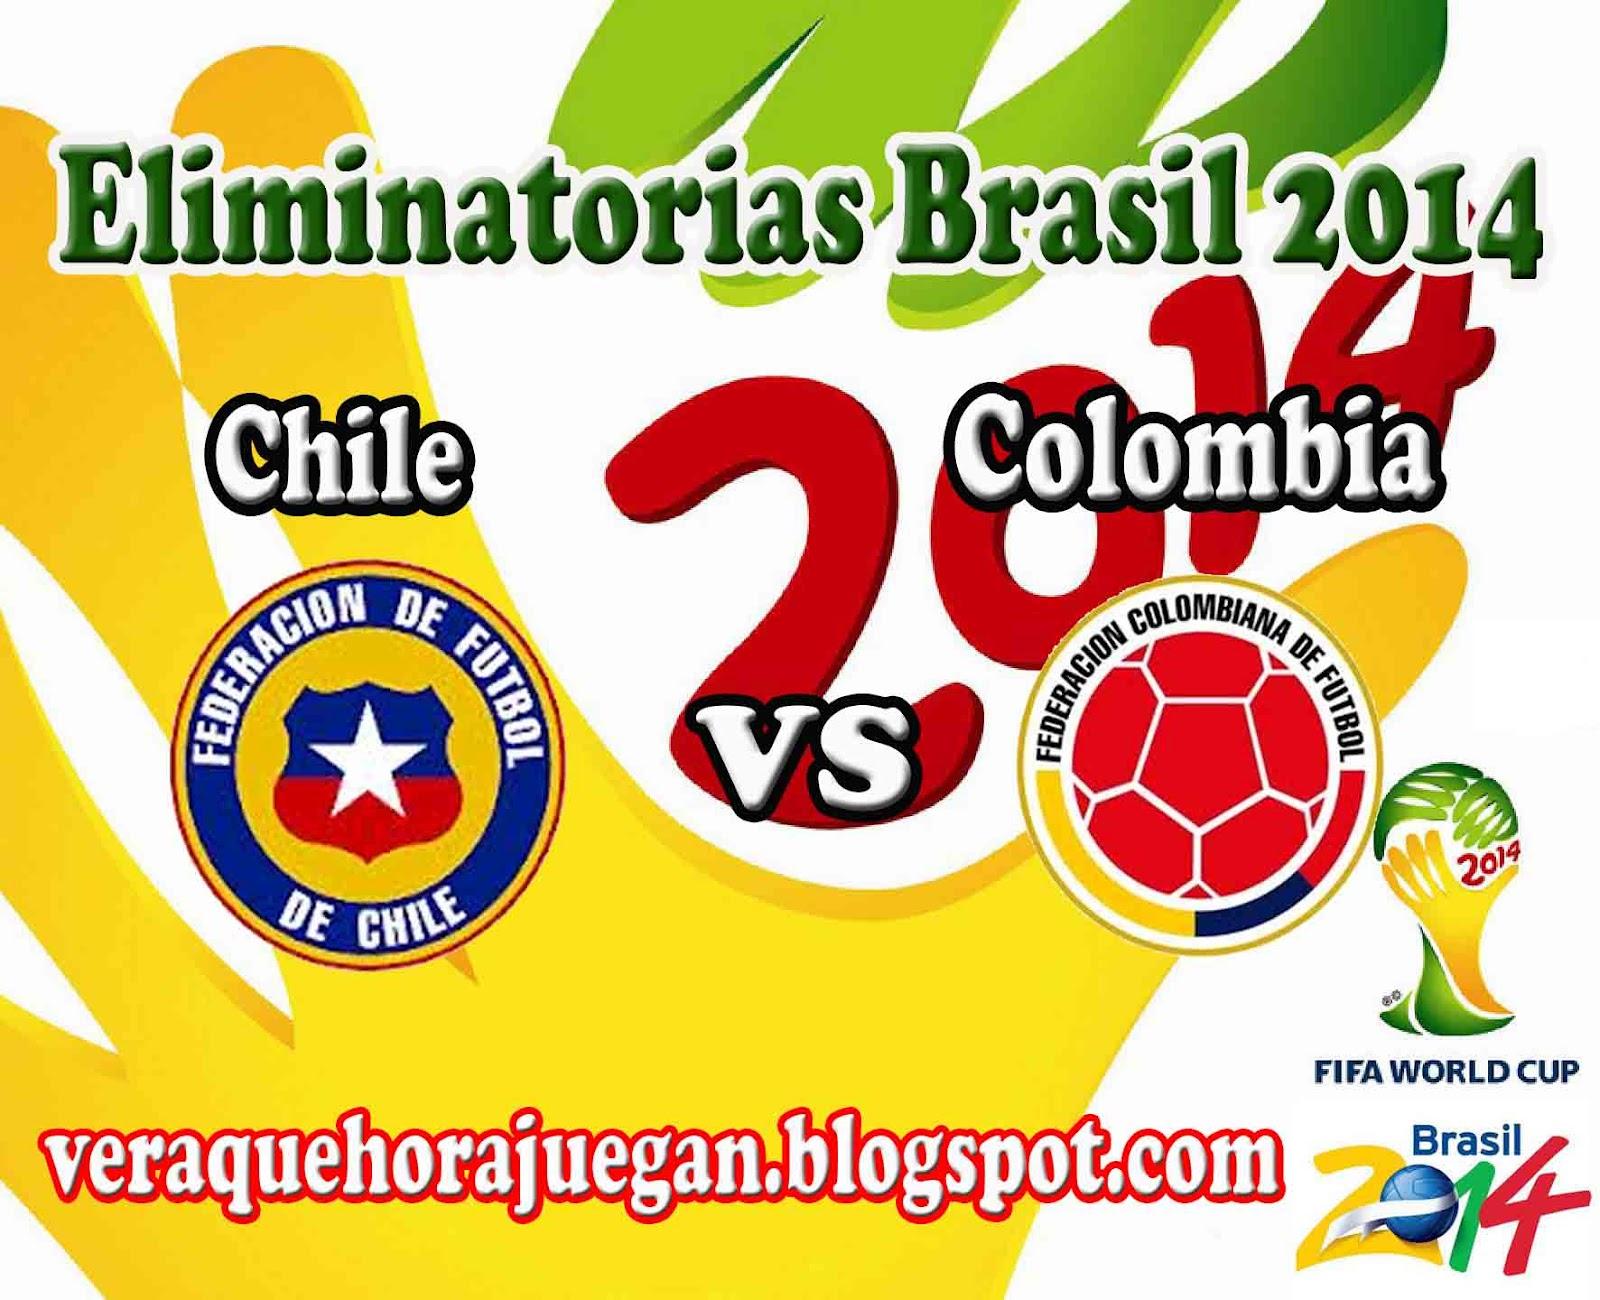 ... colombia en vivo y en directo eliminatorias brasil 2014 online futbol